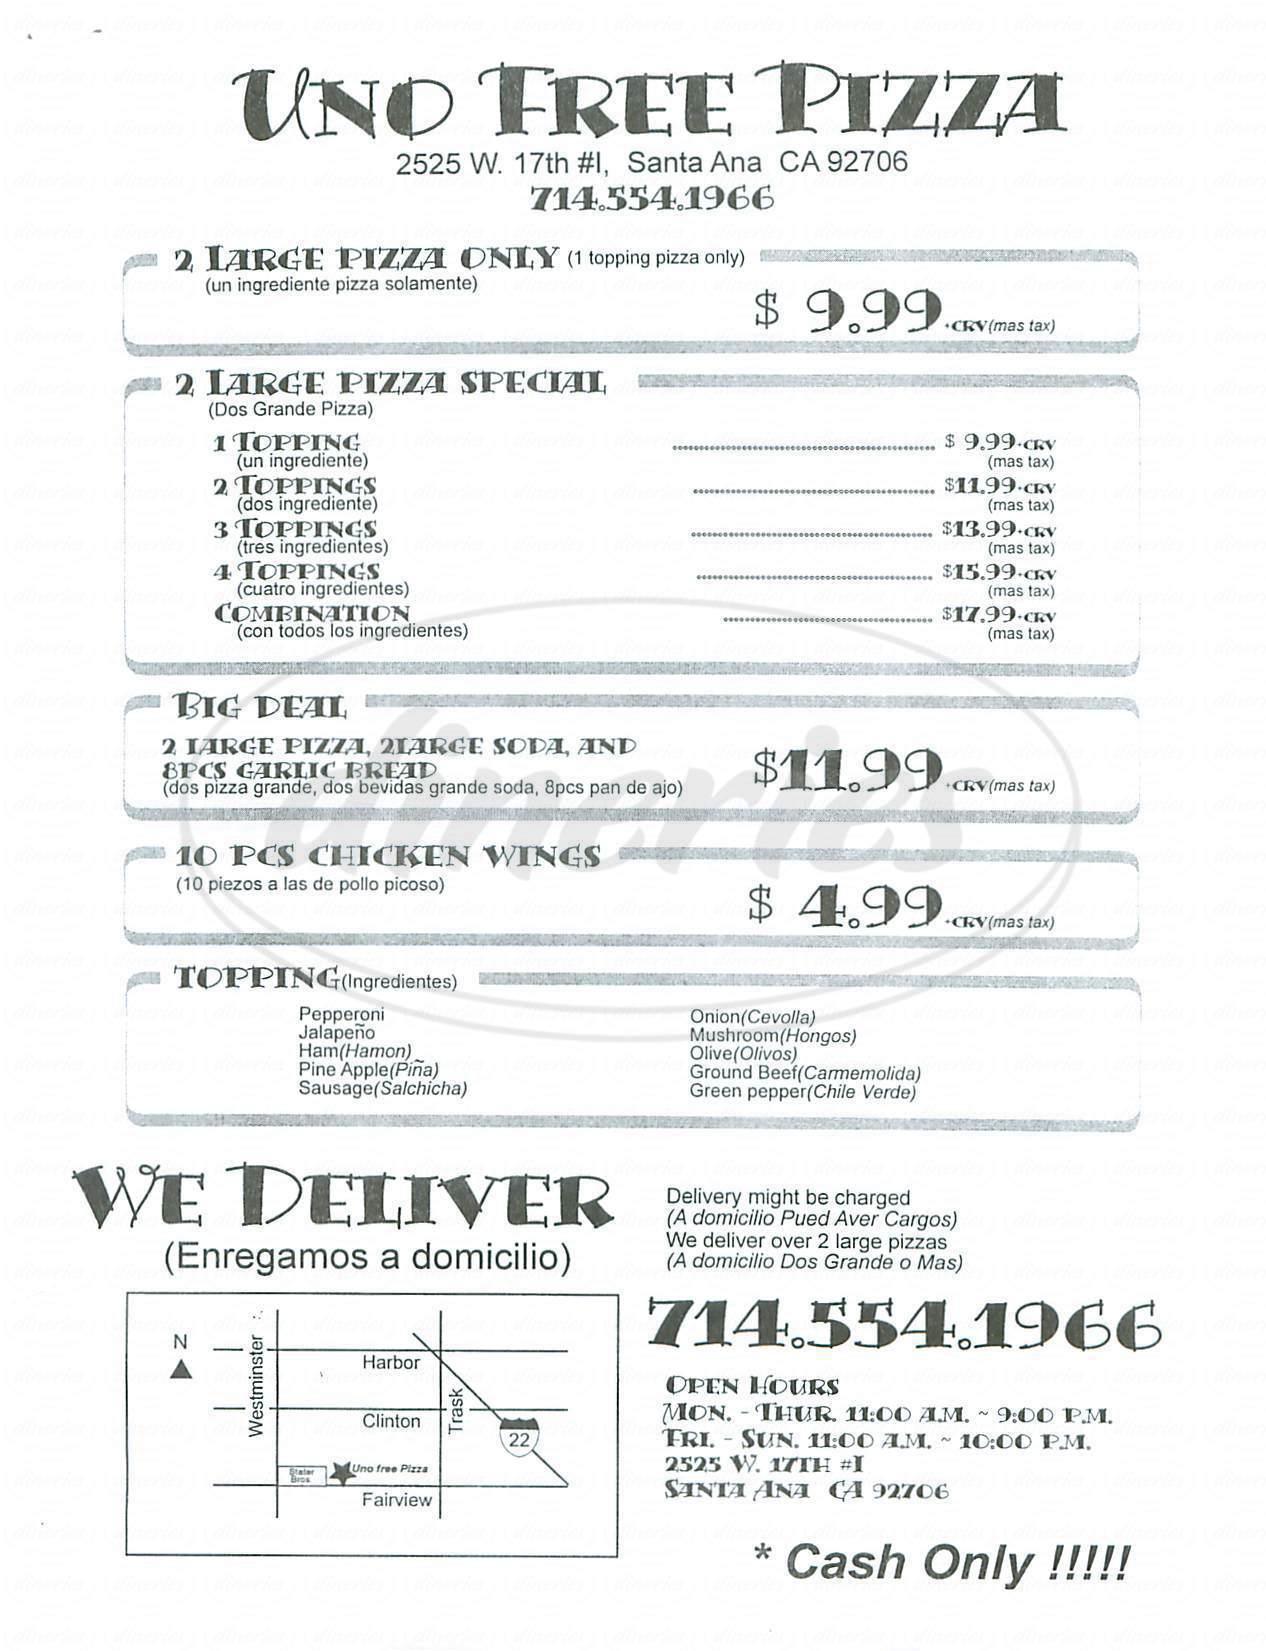 menu for Uno Free Pizza